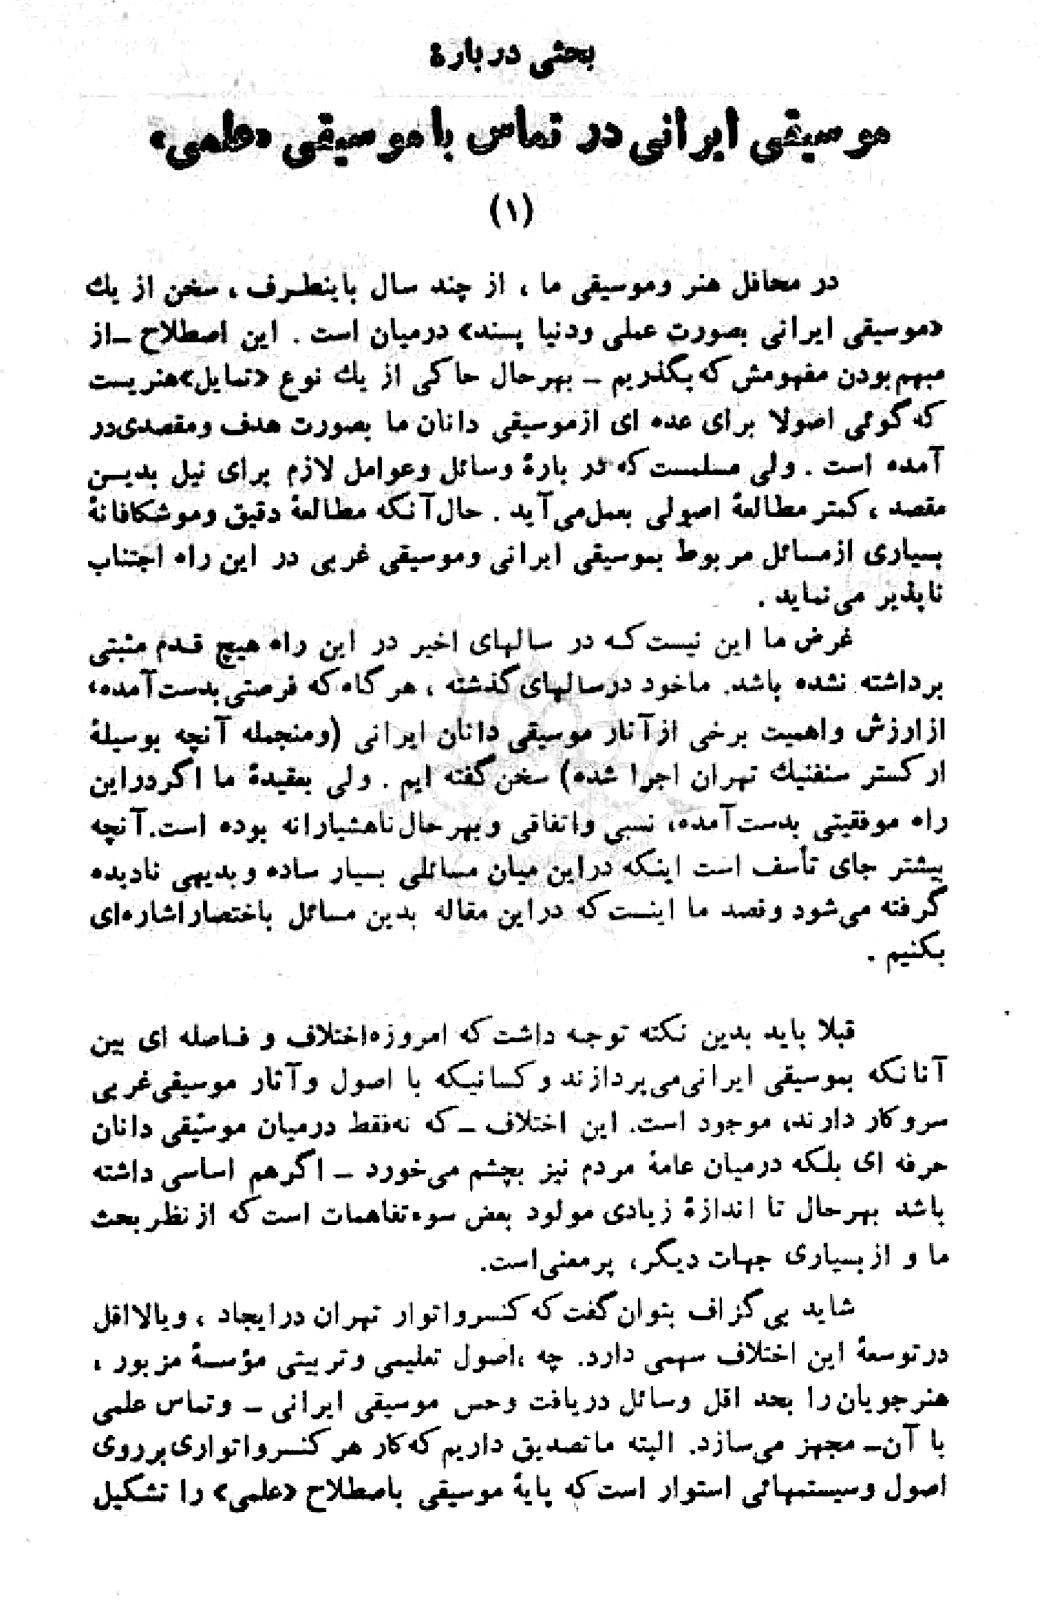 دانلود پیدیاف مقالهی موسیقی ایرانی در تماس با موسیقی علمی زاون هاکوپیان